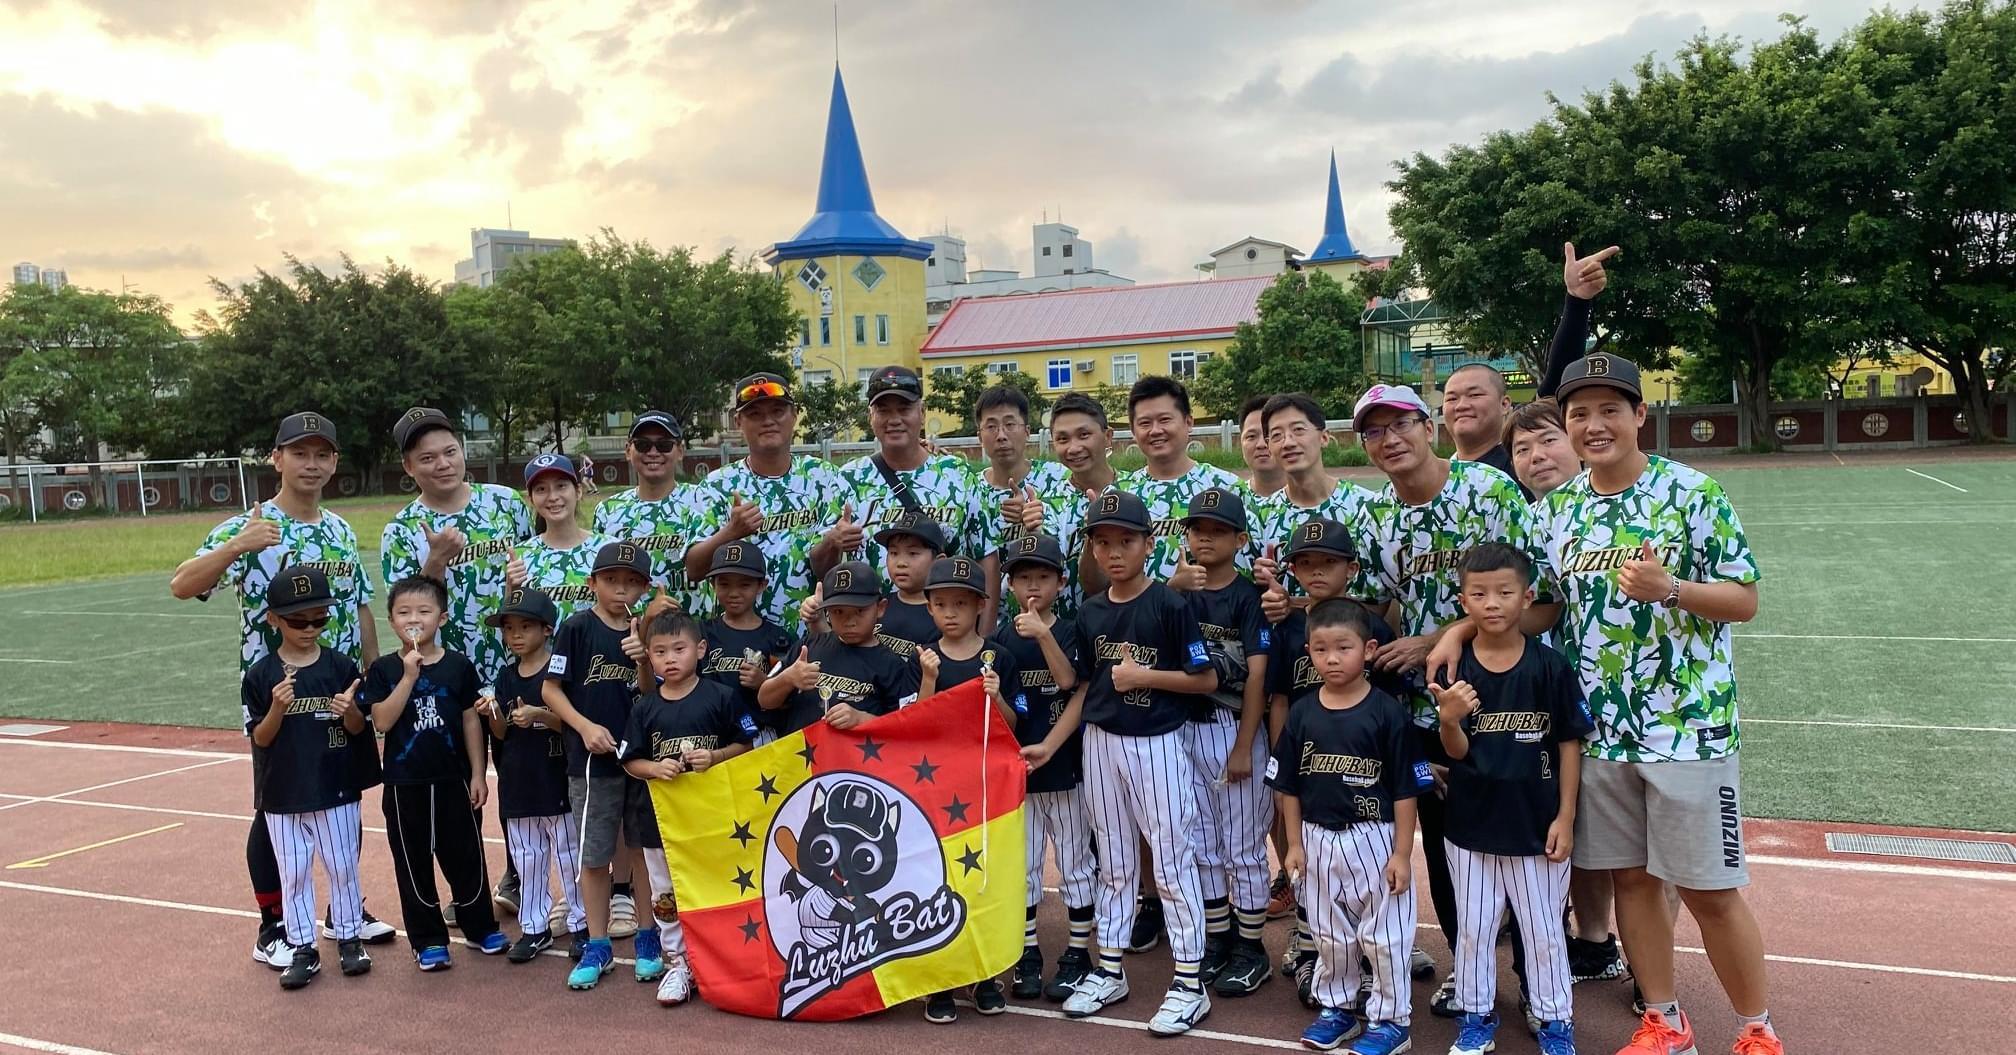 邀請前中華職棒兄弟一代象選手王光輝關懷小球員,一同展示父親節綠色球衣